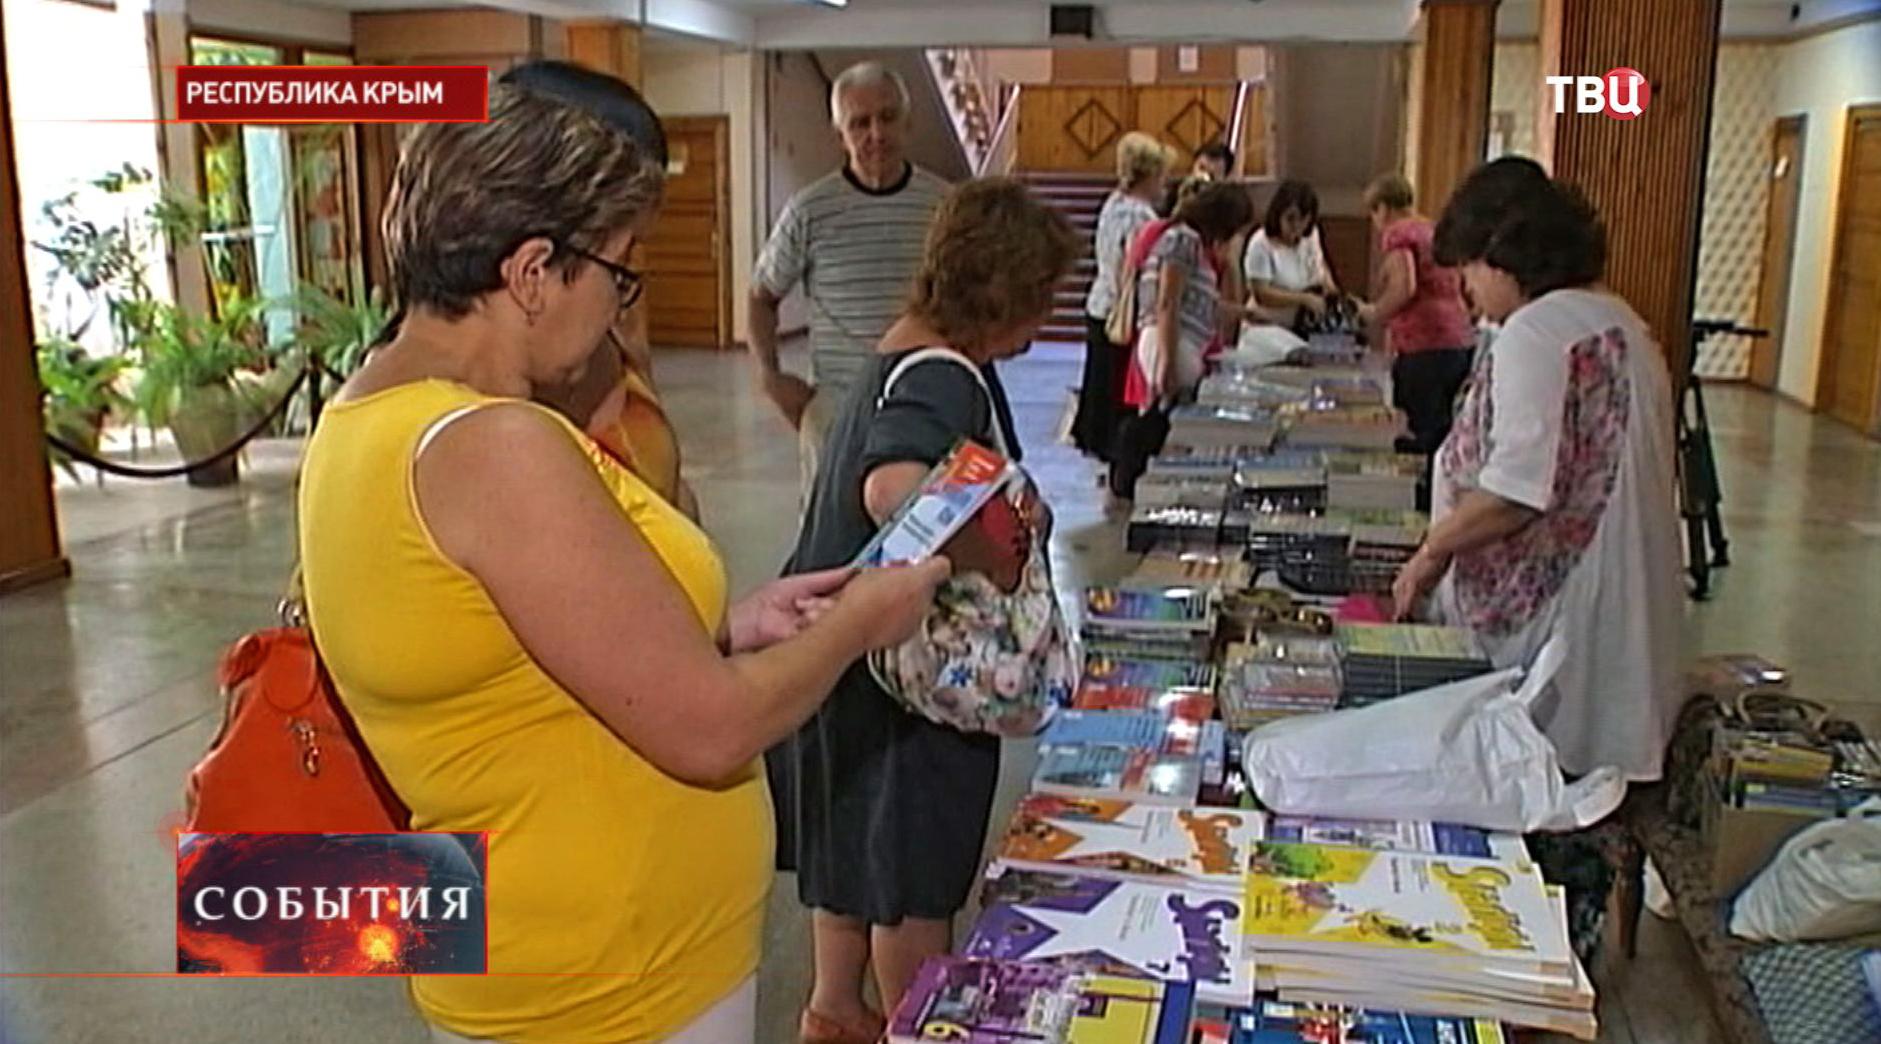 Учителя рассматривают новые учебники для школ Крыма